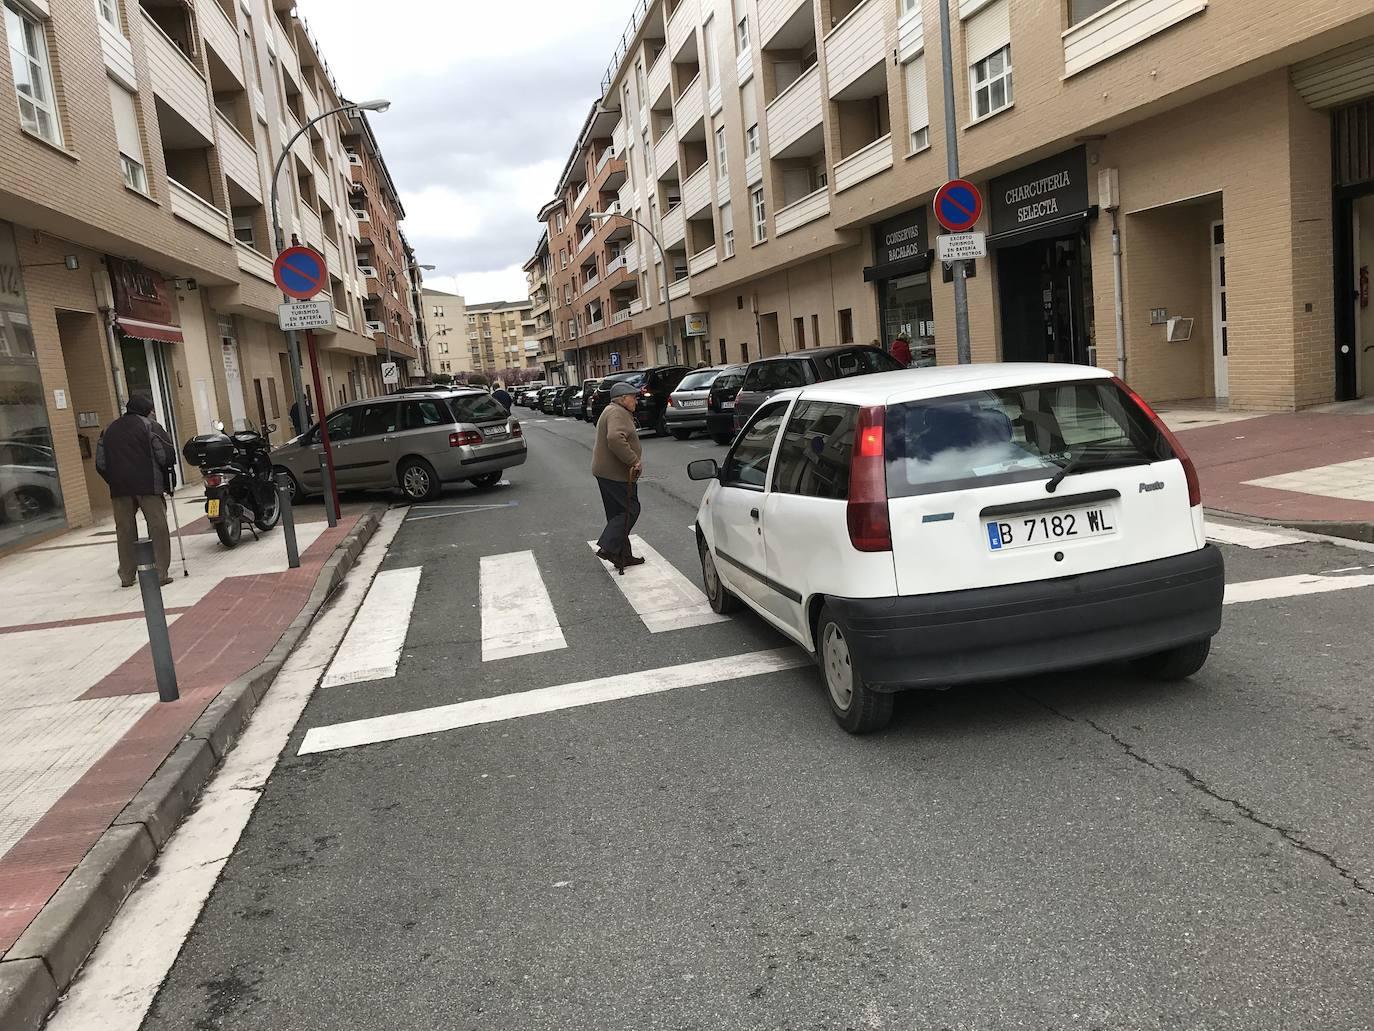 El Concejo jarrero licita por urgencia las obras de Donantes y Avenida de La Rioja